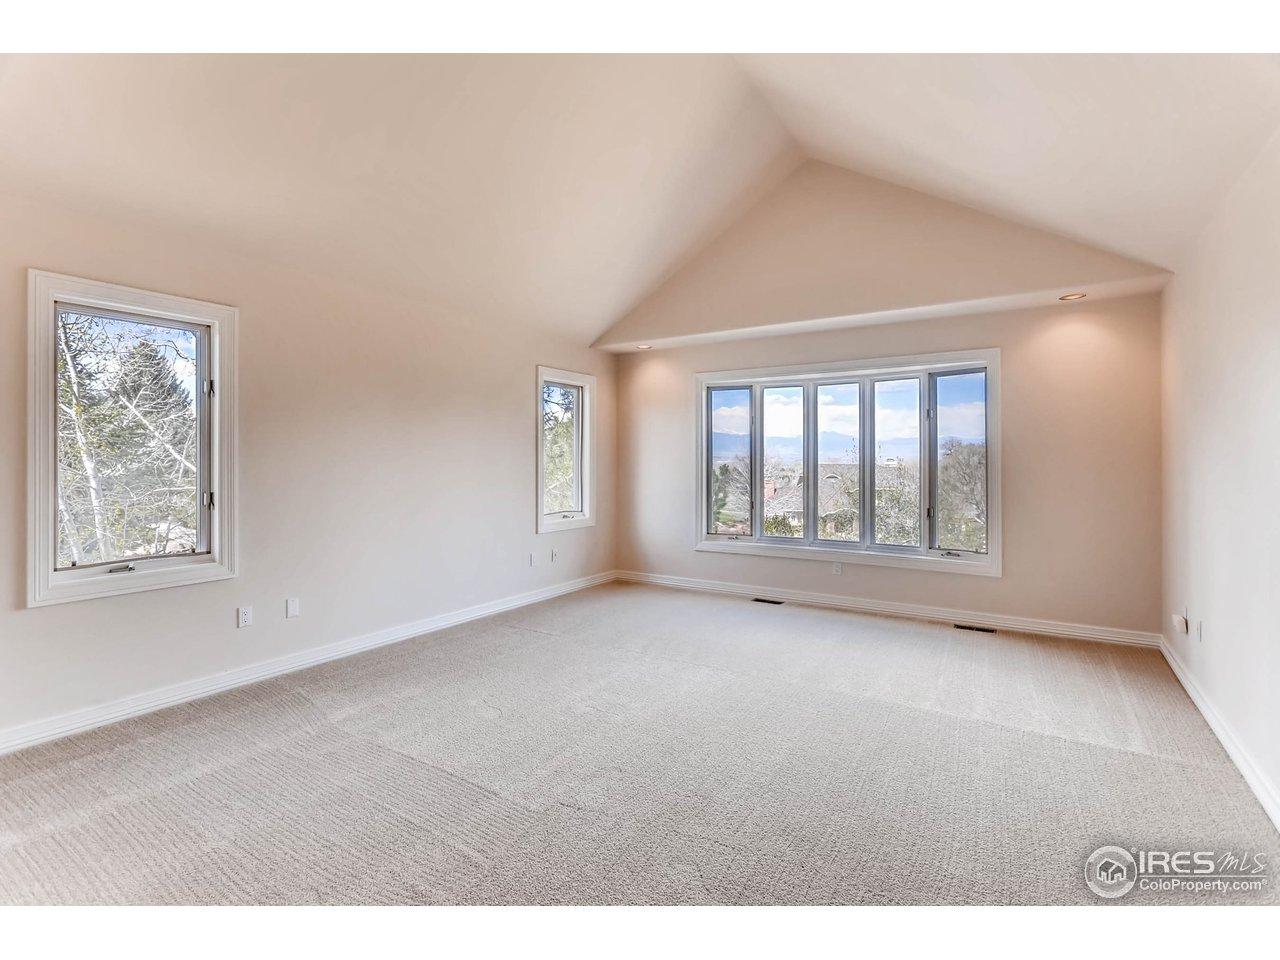 Master Bedroom w/ Views of Longs Peak